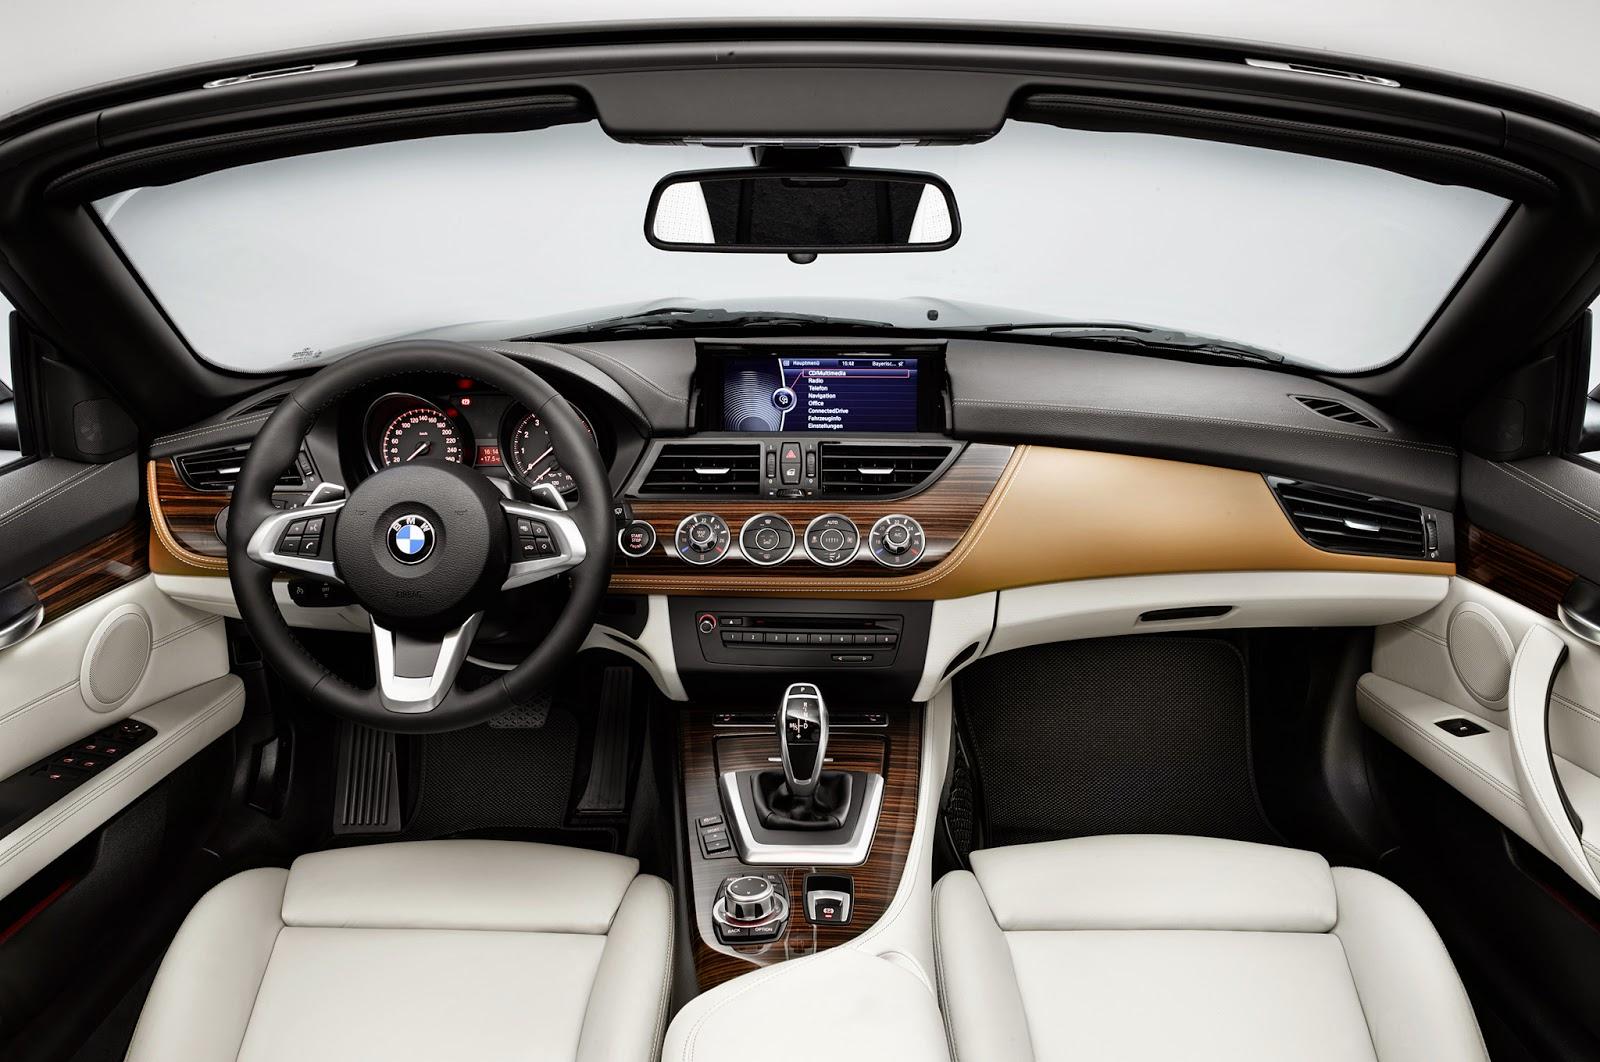 2016 BMW Z4 Interior specs